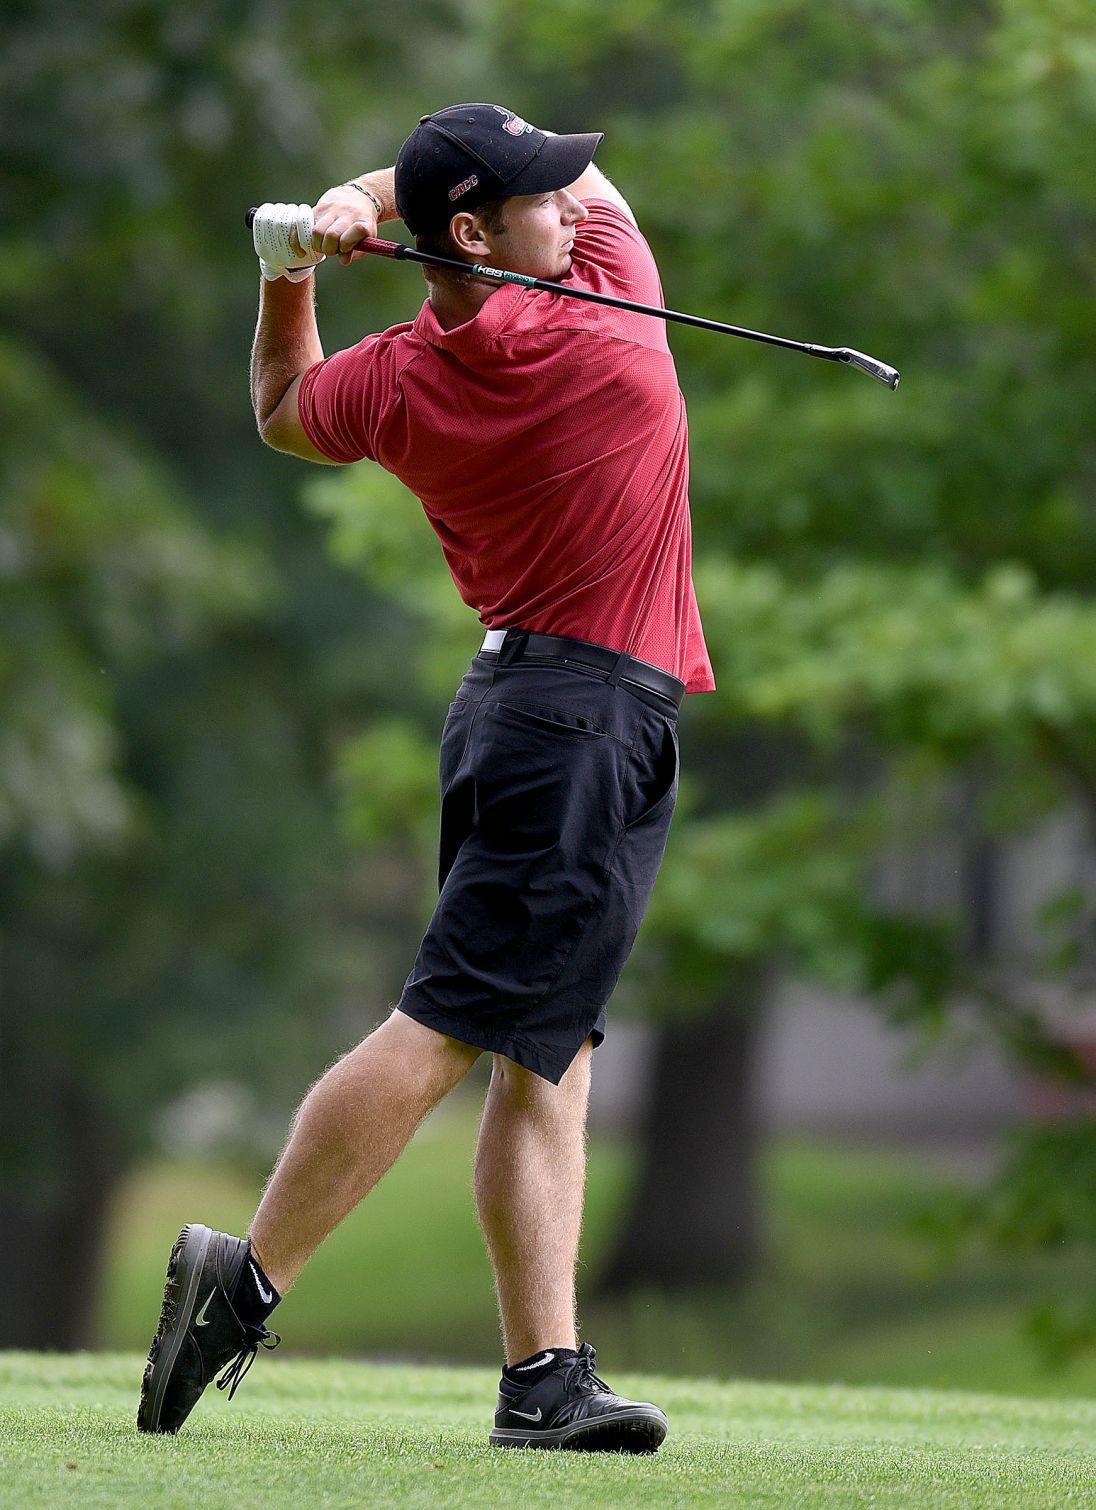 190808-spt-golf-016_6071